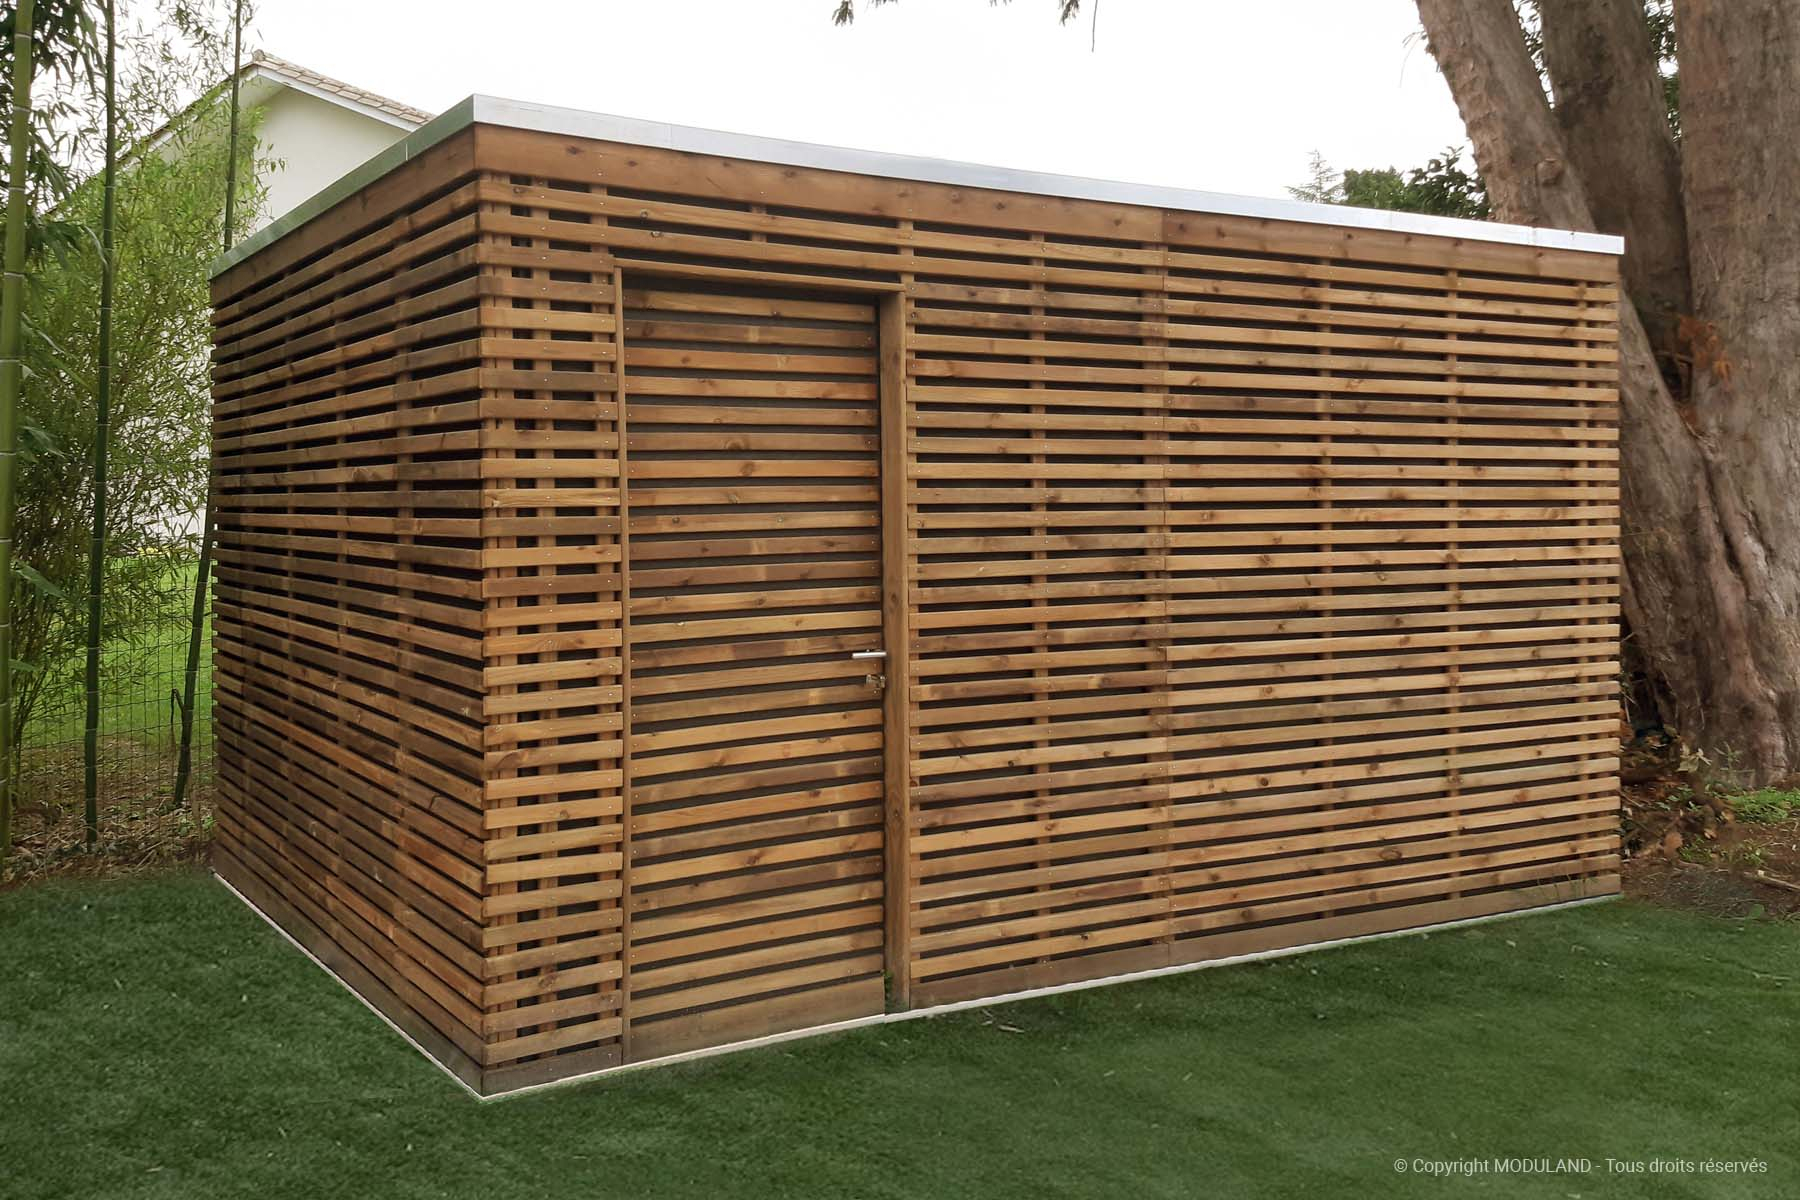 Fabricant D'abris Et Structures Bois Sur Mesure | Moduland destiné Abri Jardin Sur Mesure